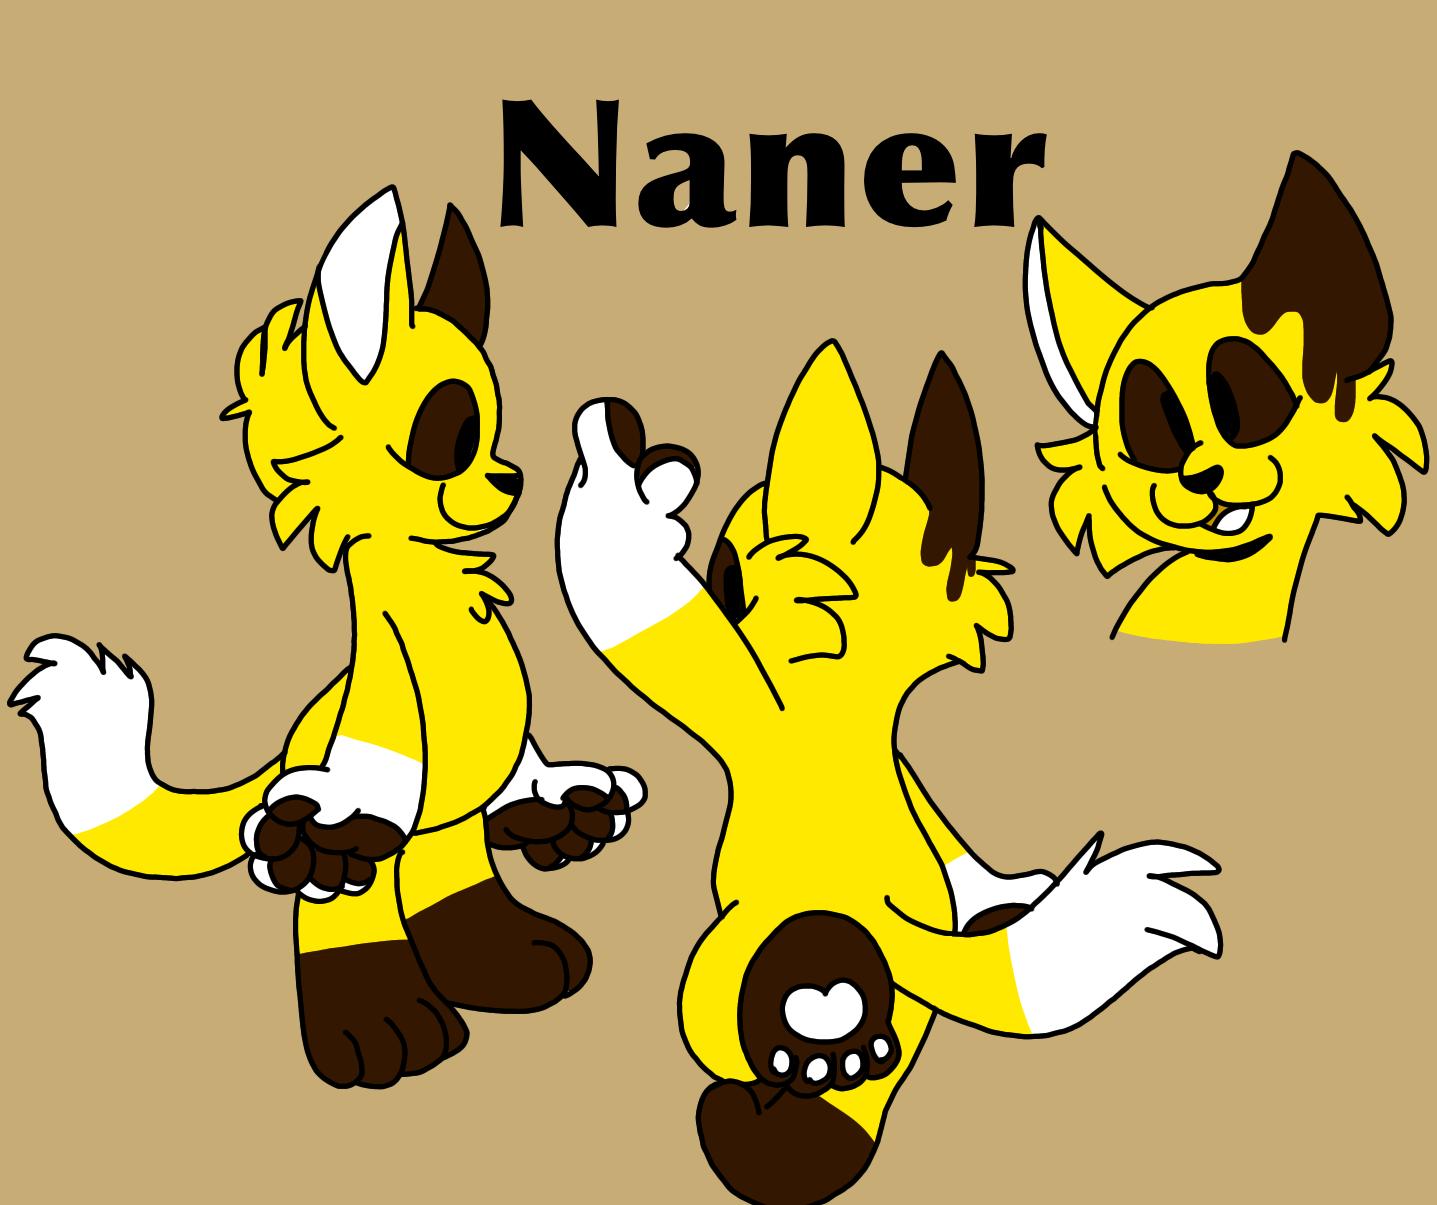 NutNaner